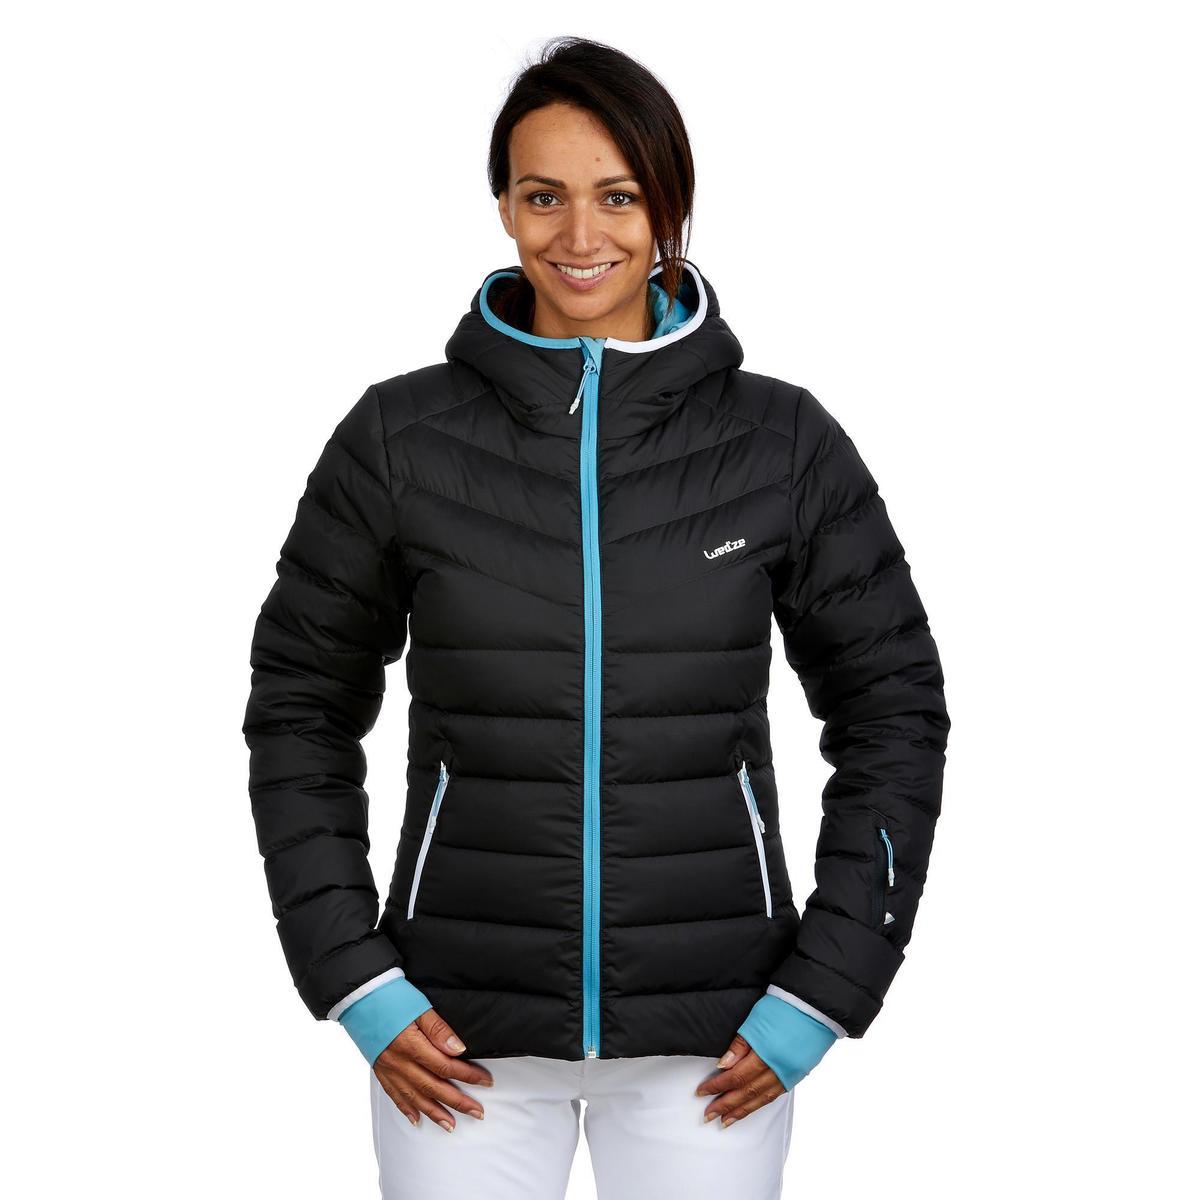 Bild 3 von Skijacke Daunen 500 Warm Damen grau